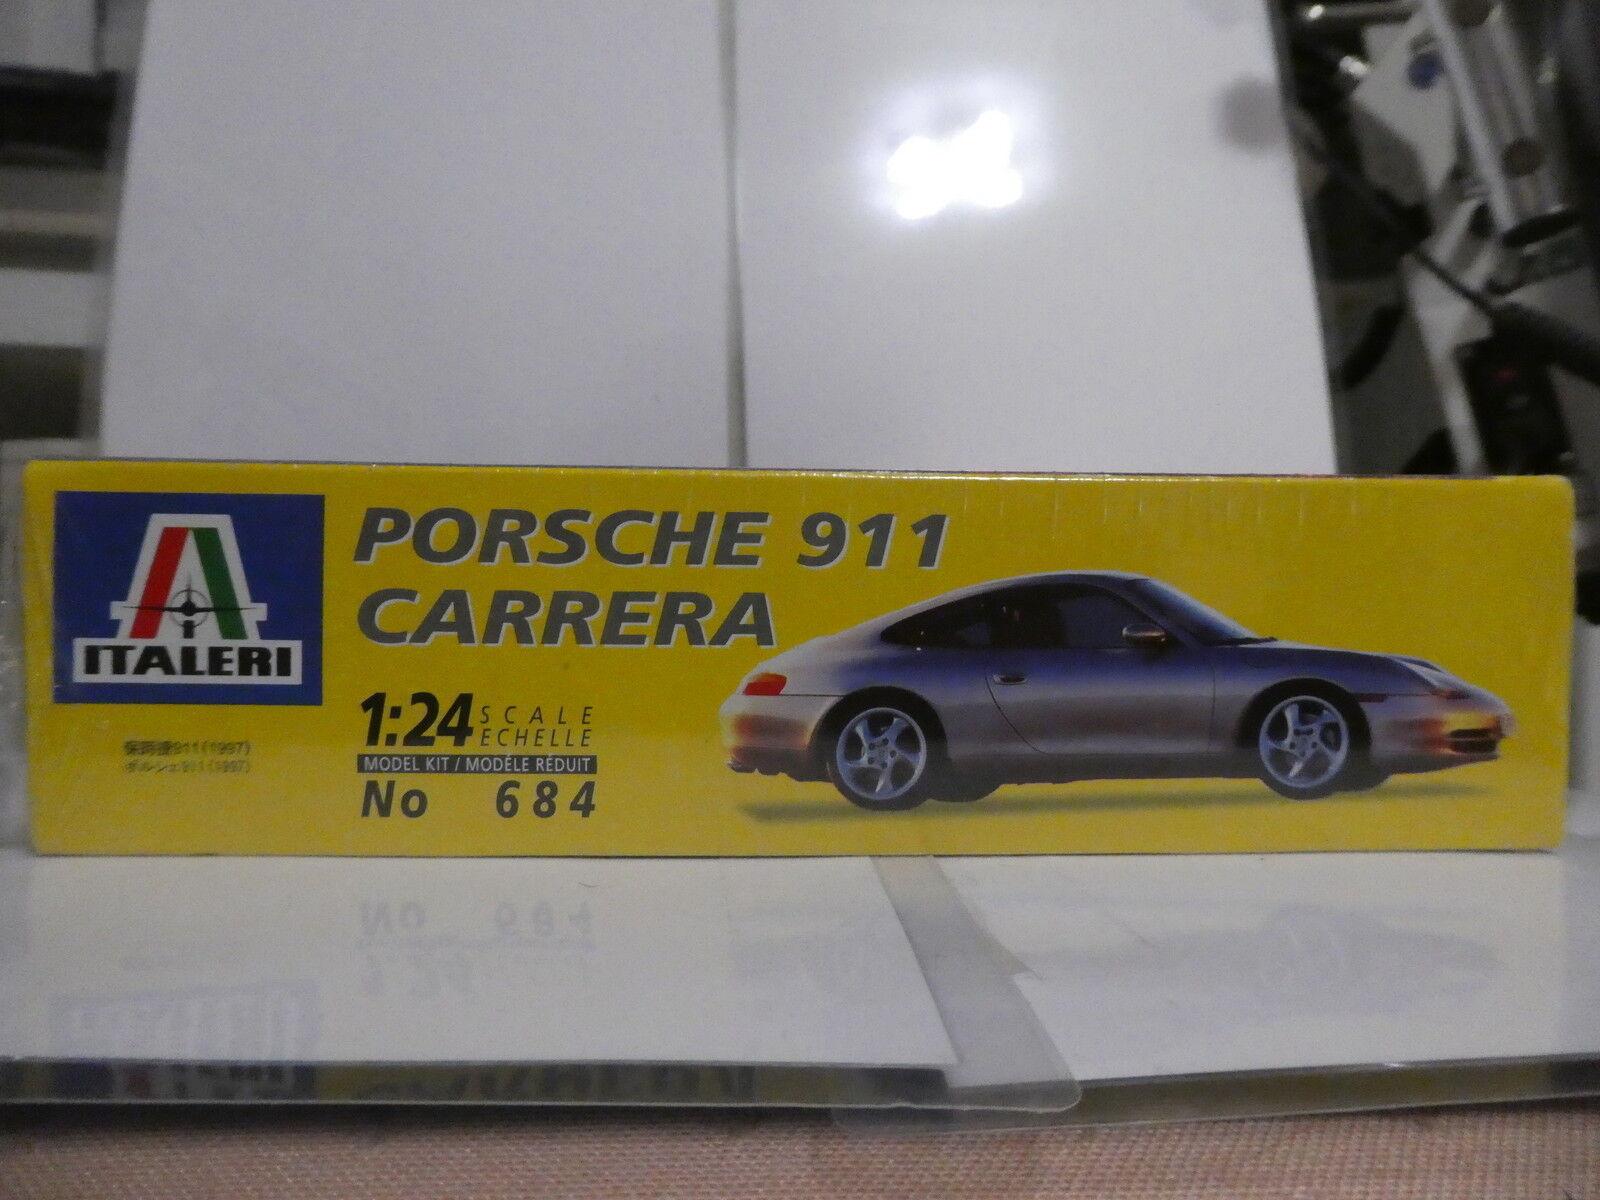 RARITÄT RARITÄT RARITÄT ITALERI PORSCHE 911 996 CARRERA 1996  1 24  NEU OVP de1fa3